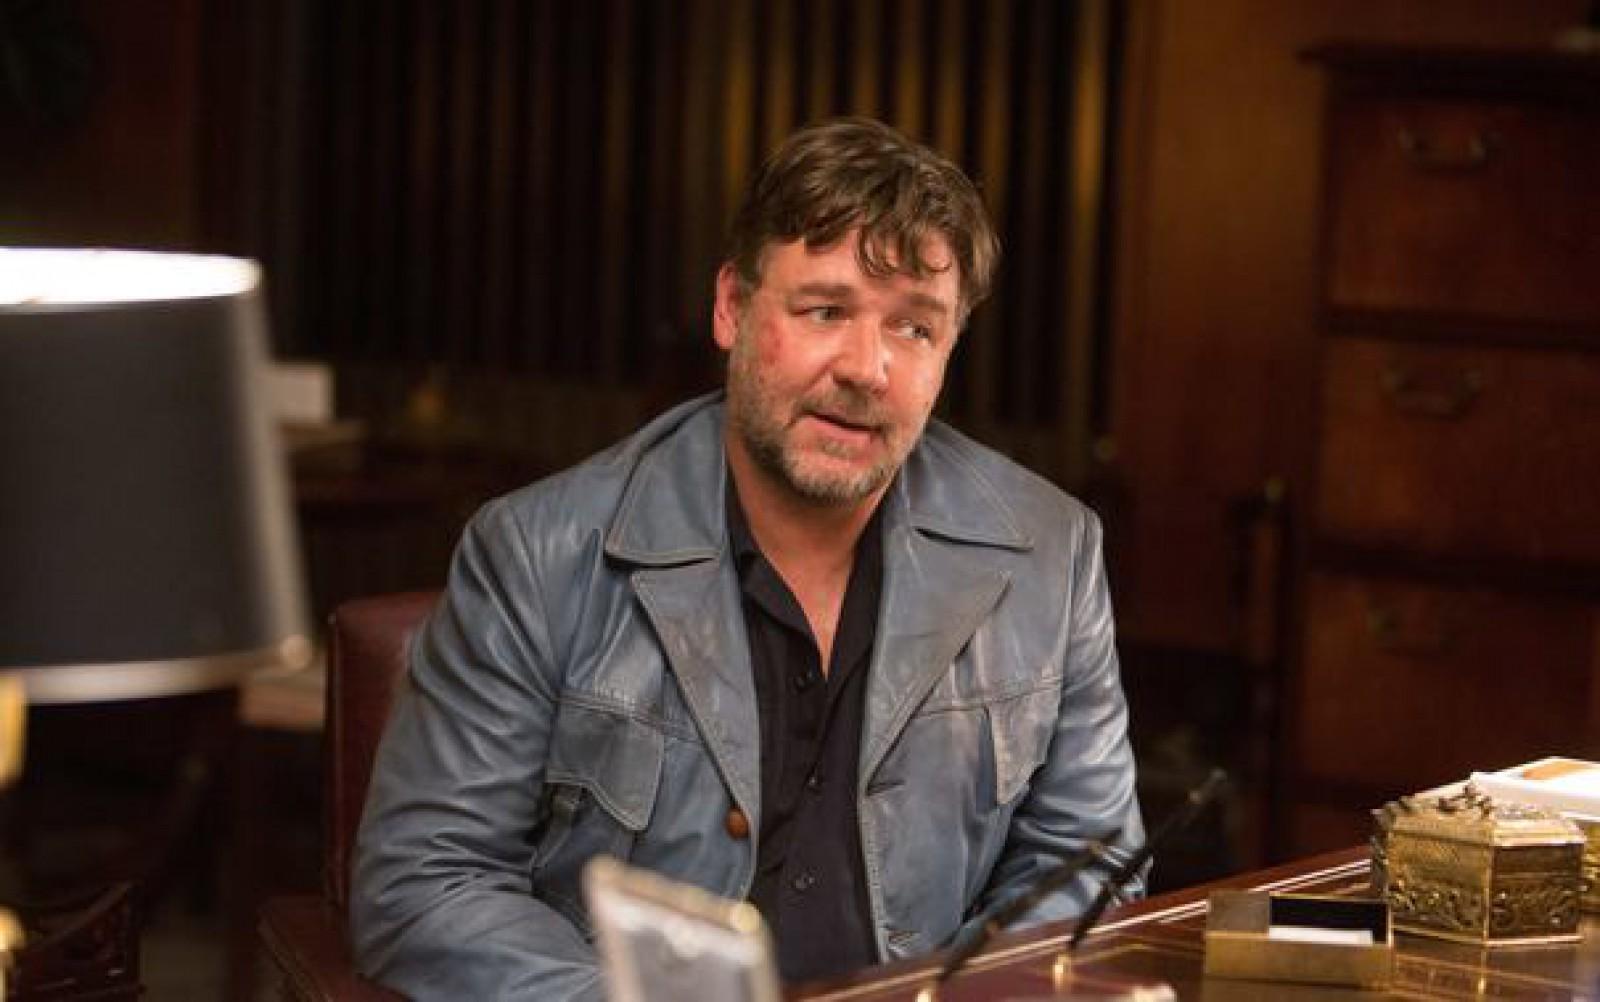 """Russell Crowe a obţinut 2,8 milioane de dolari în urma unei """"licitaţii de divorţ"""": """"Un tarif orar foarte bun pentru o tură de cinci ore"""""""